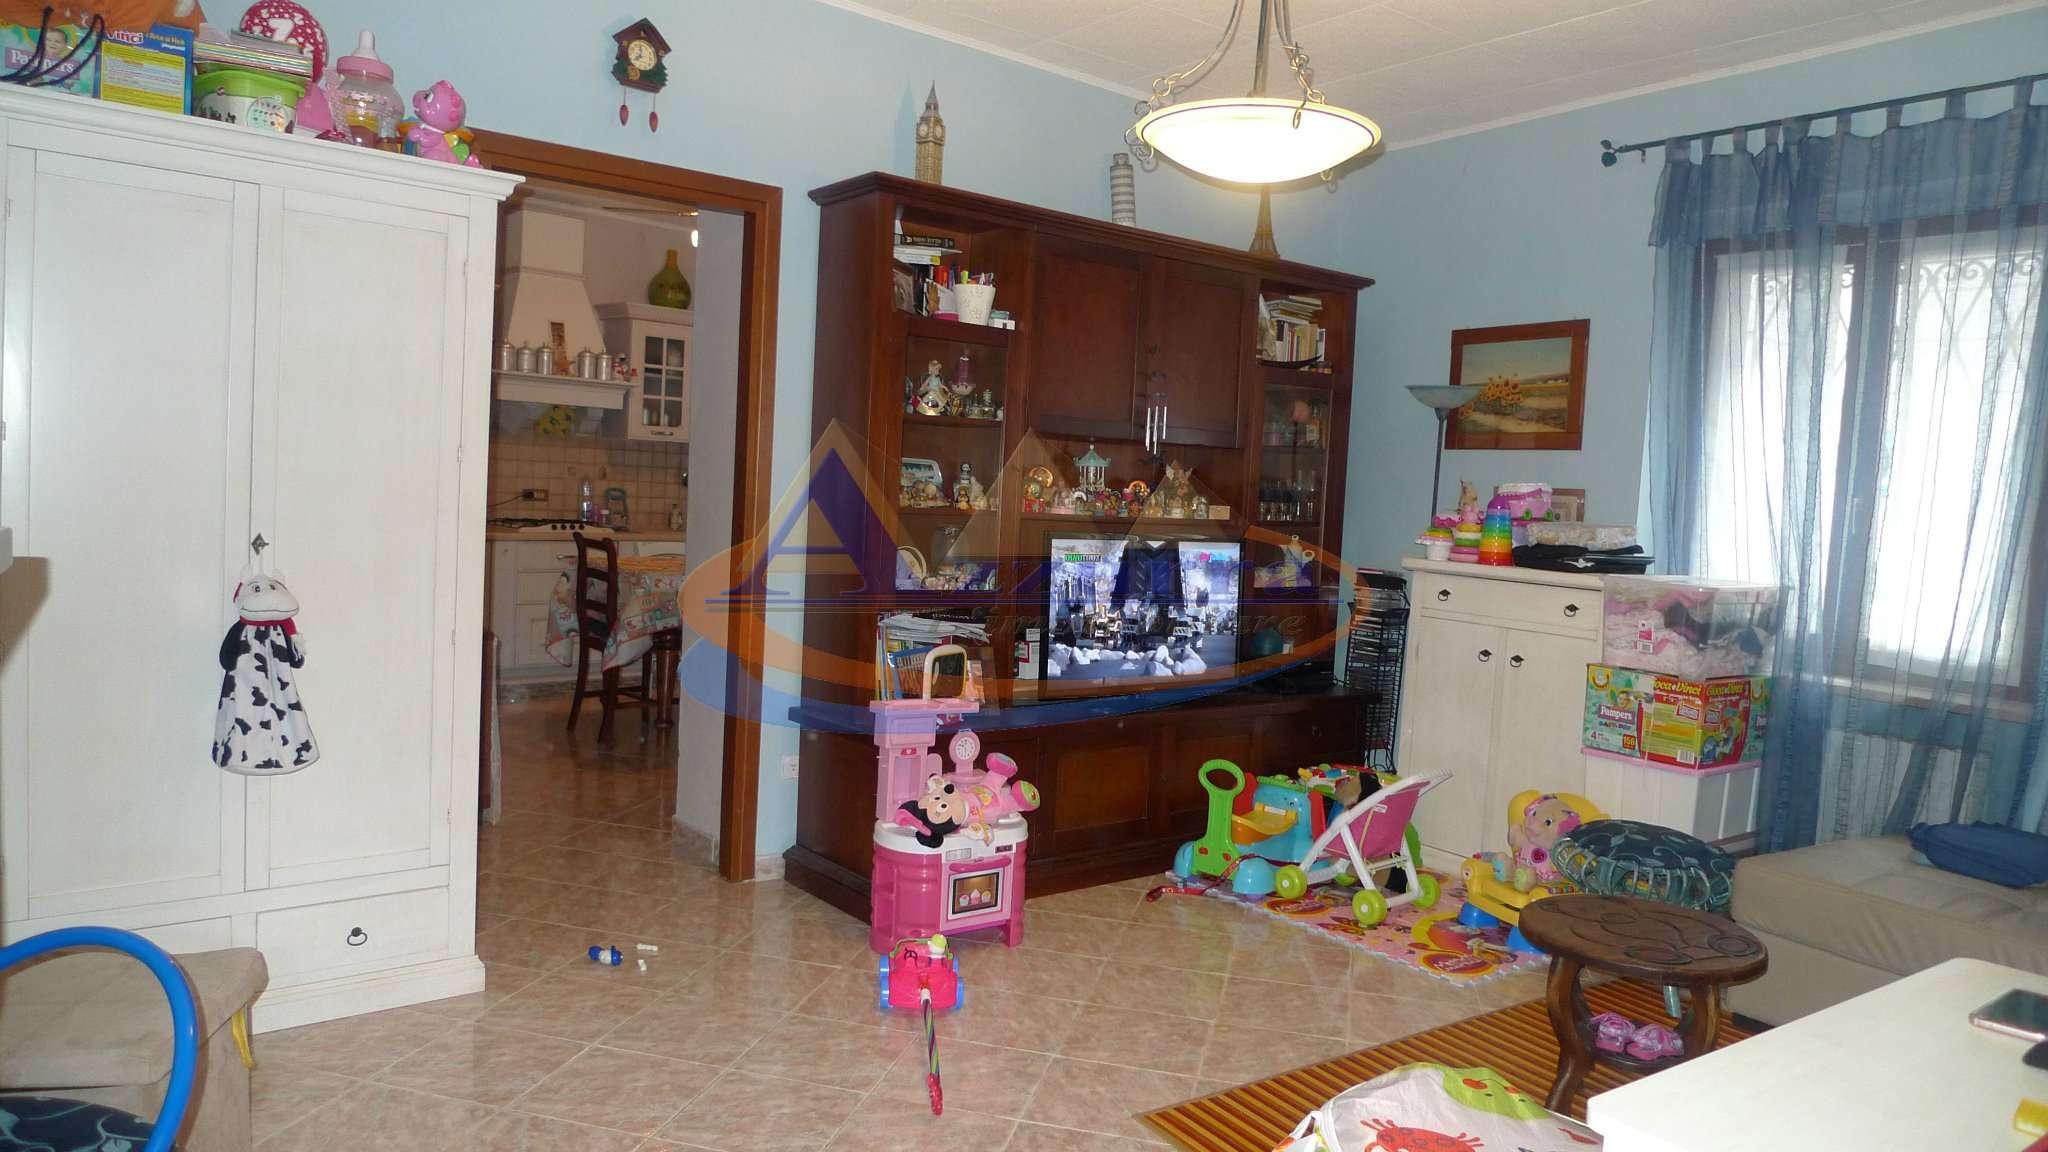 Appartamento in vendita a Bosco Marengo, 3 locali, prezzo € 55.000 | CambioCasa.it